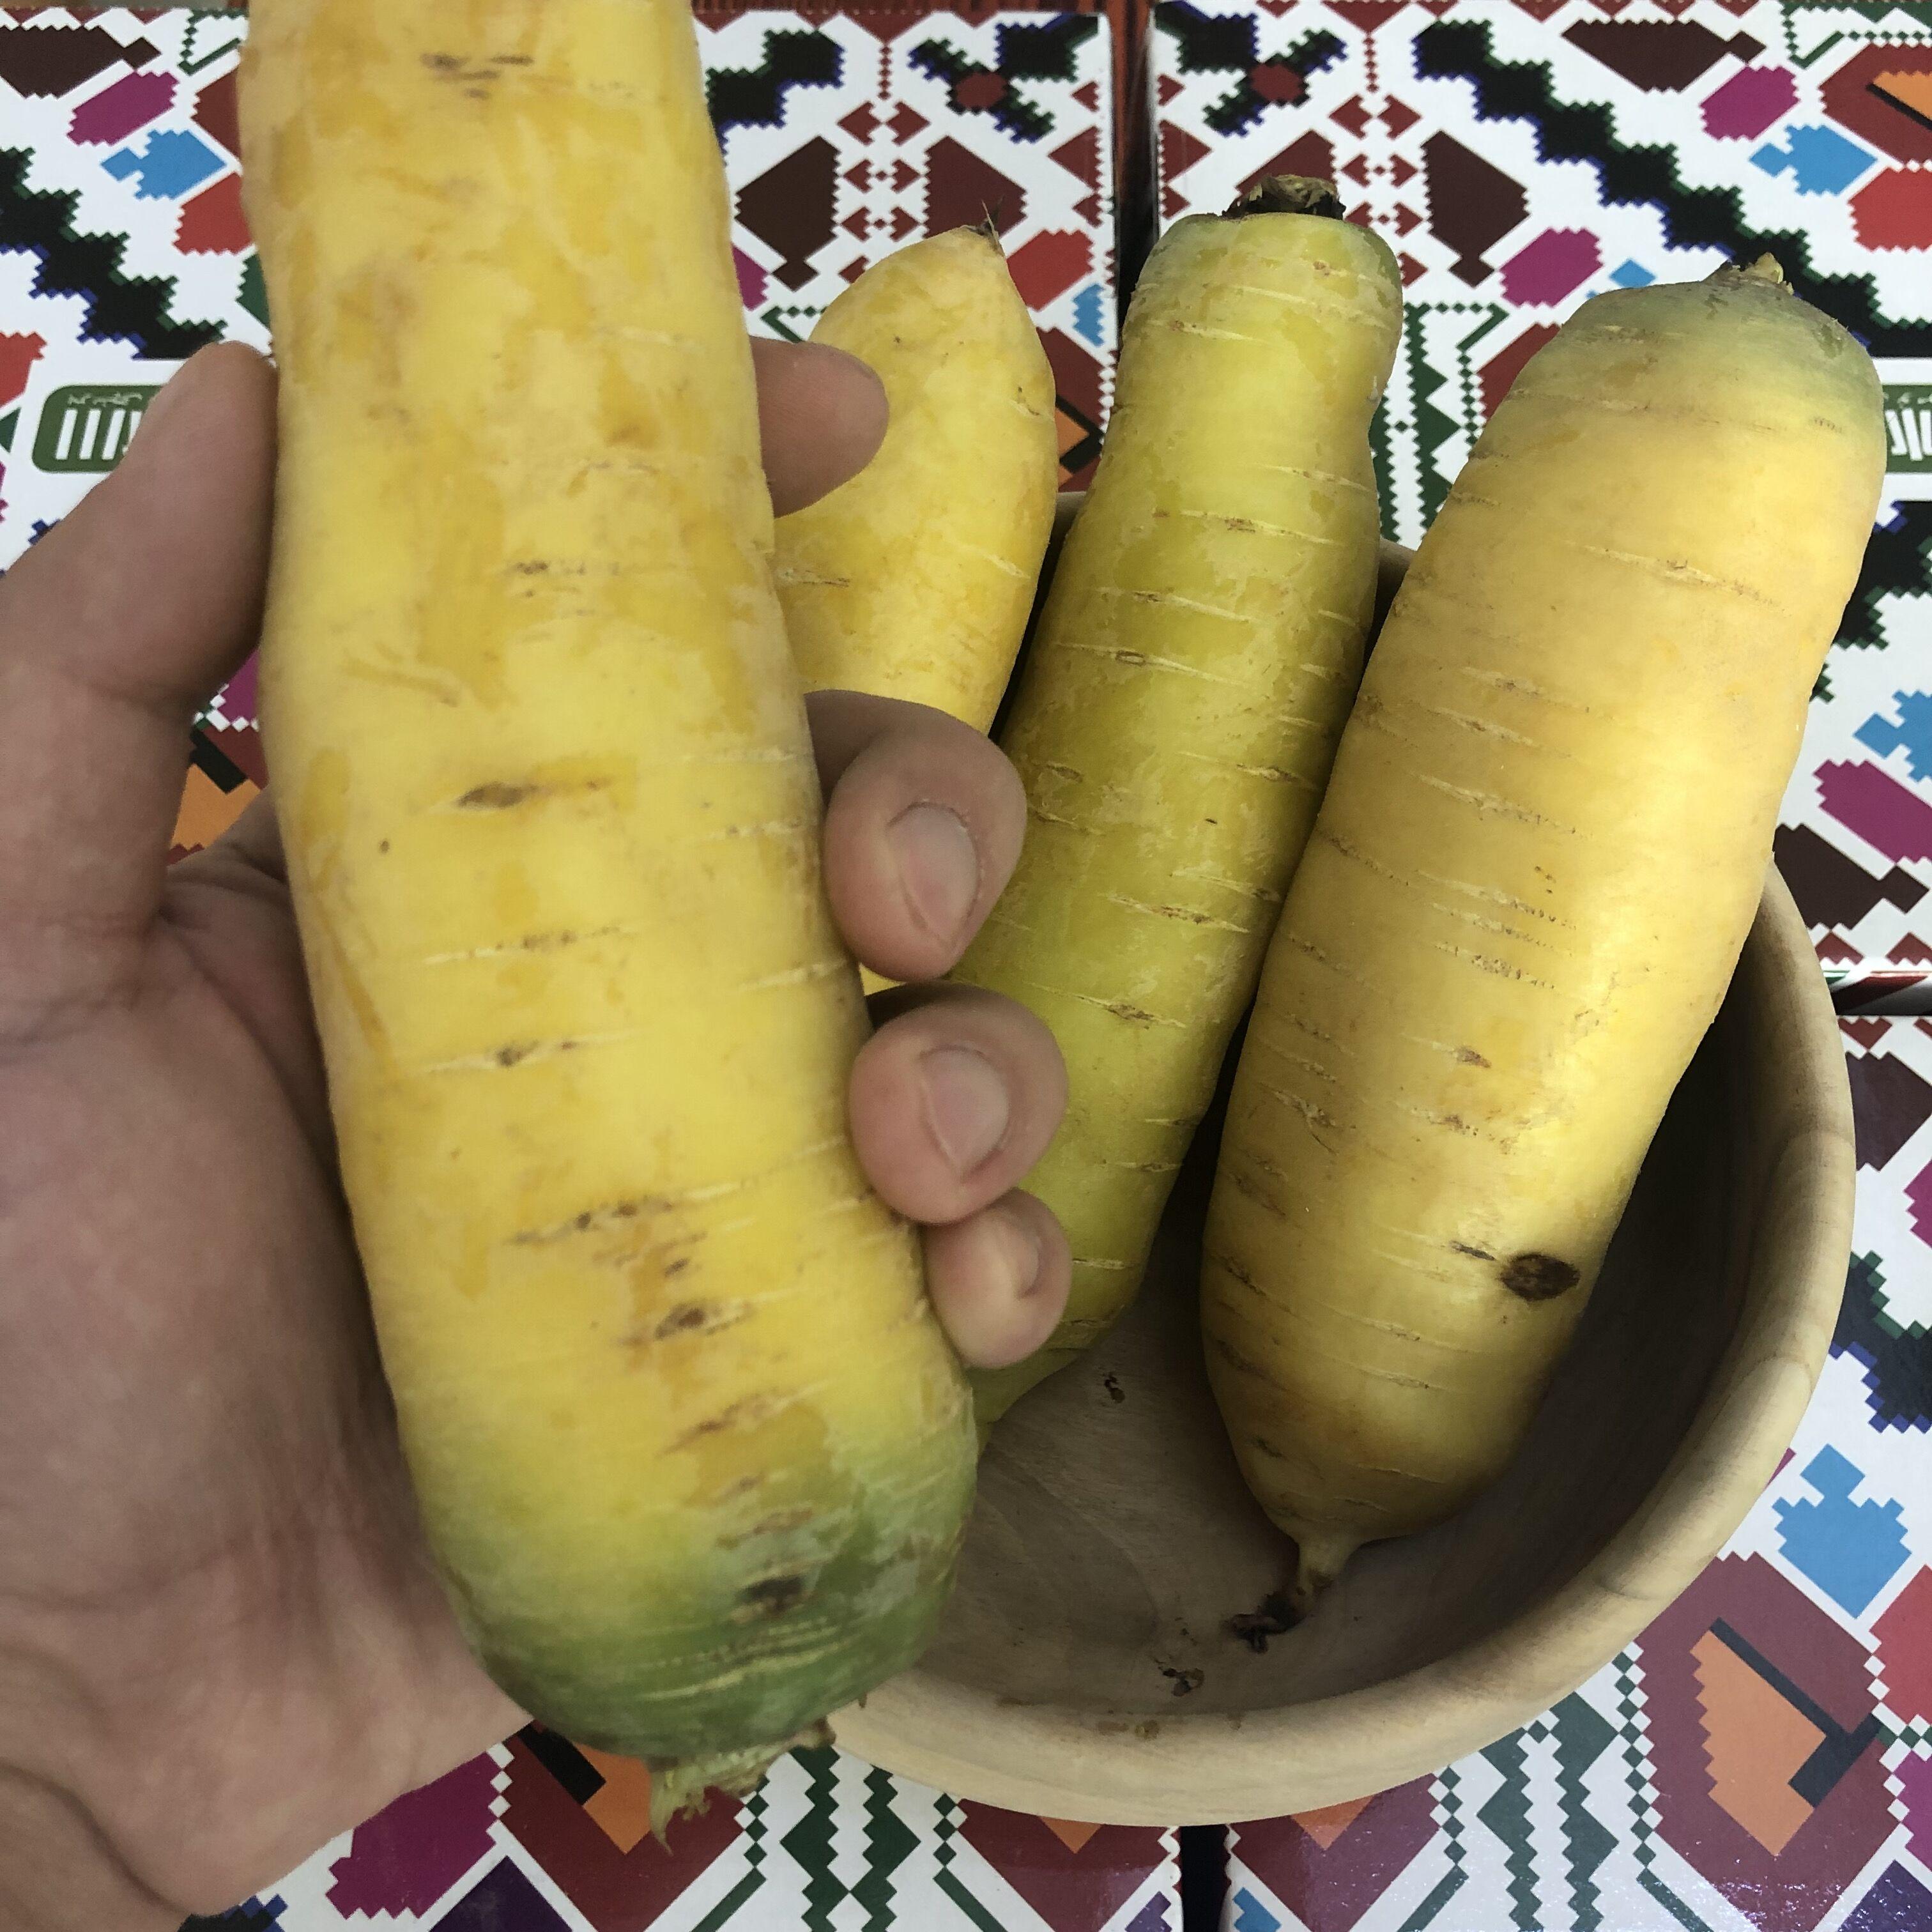 【一号冰川】正宗农家新疆黄萝卜 胡萝卜手抓饭专用新鲜蔬菜水果